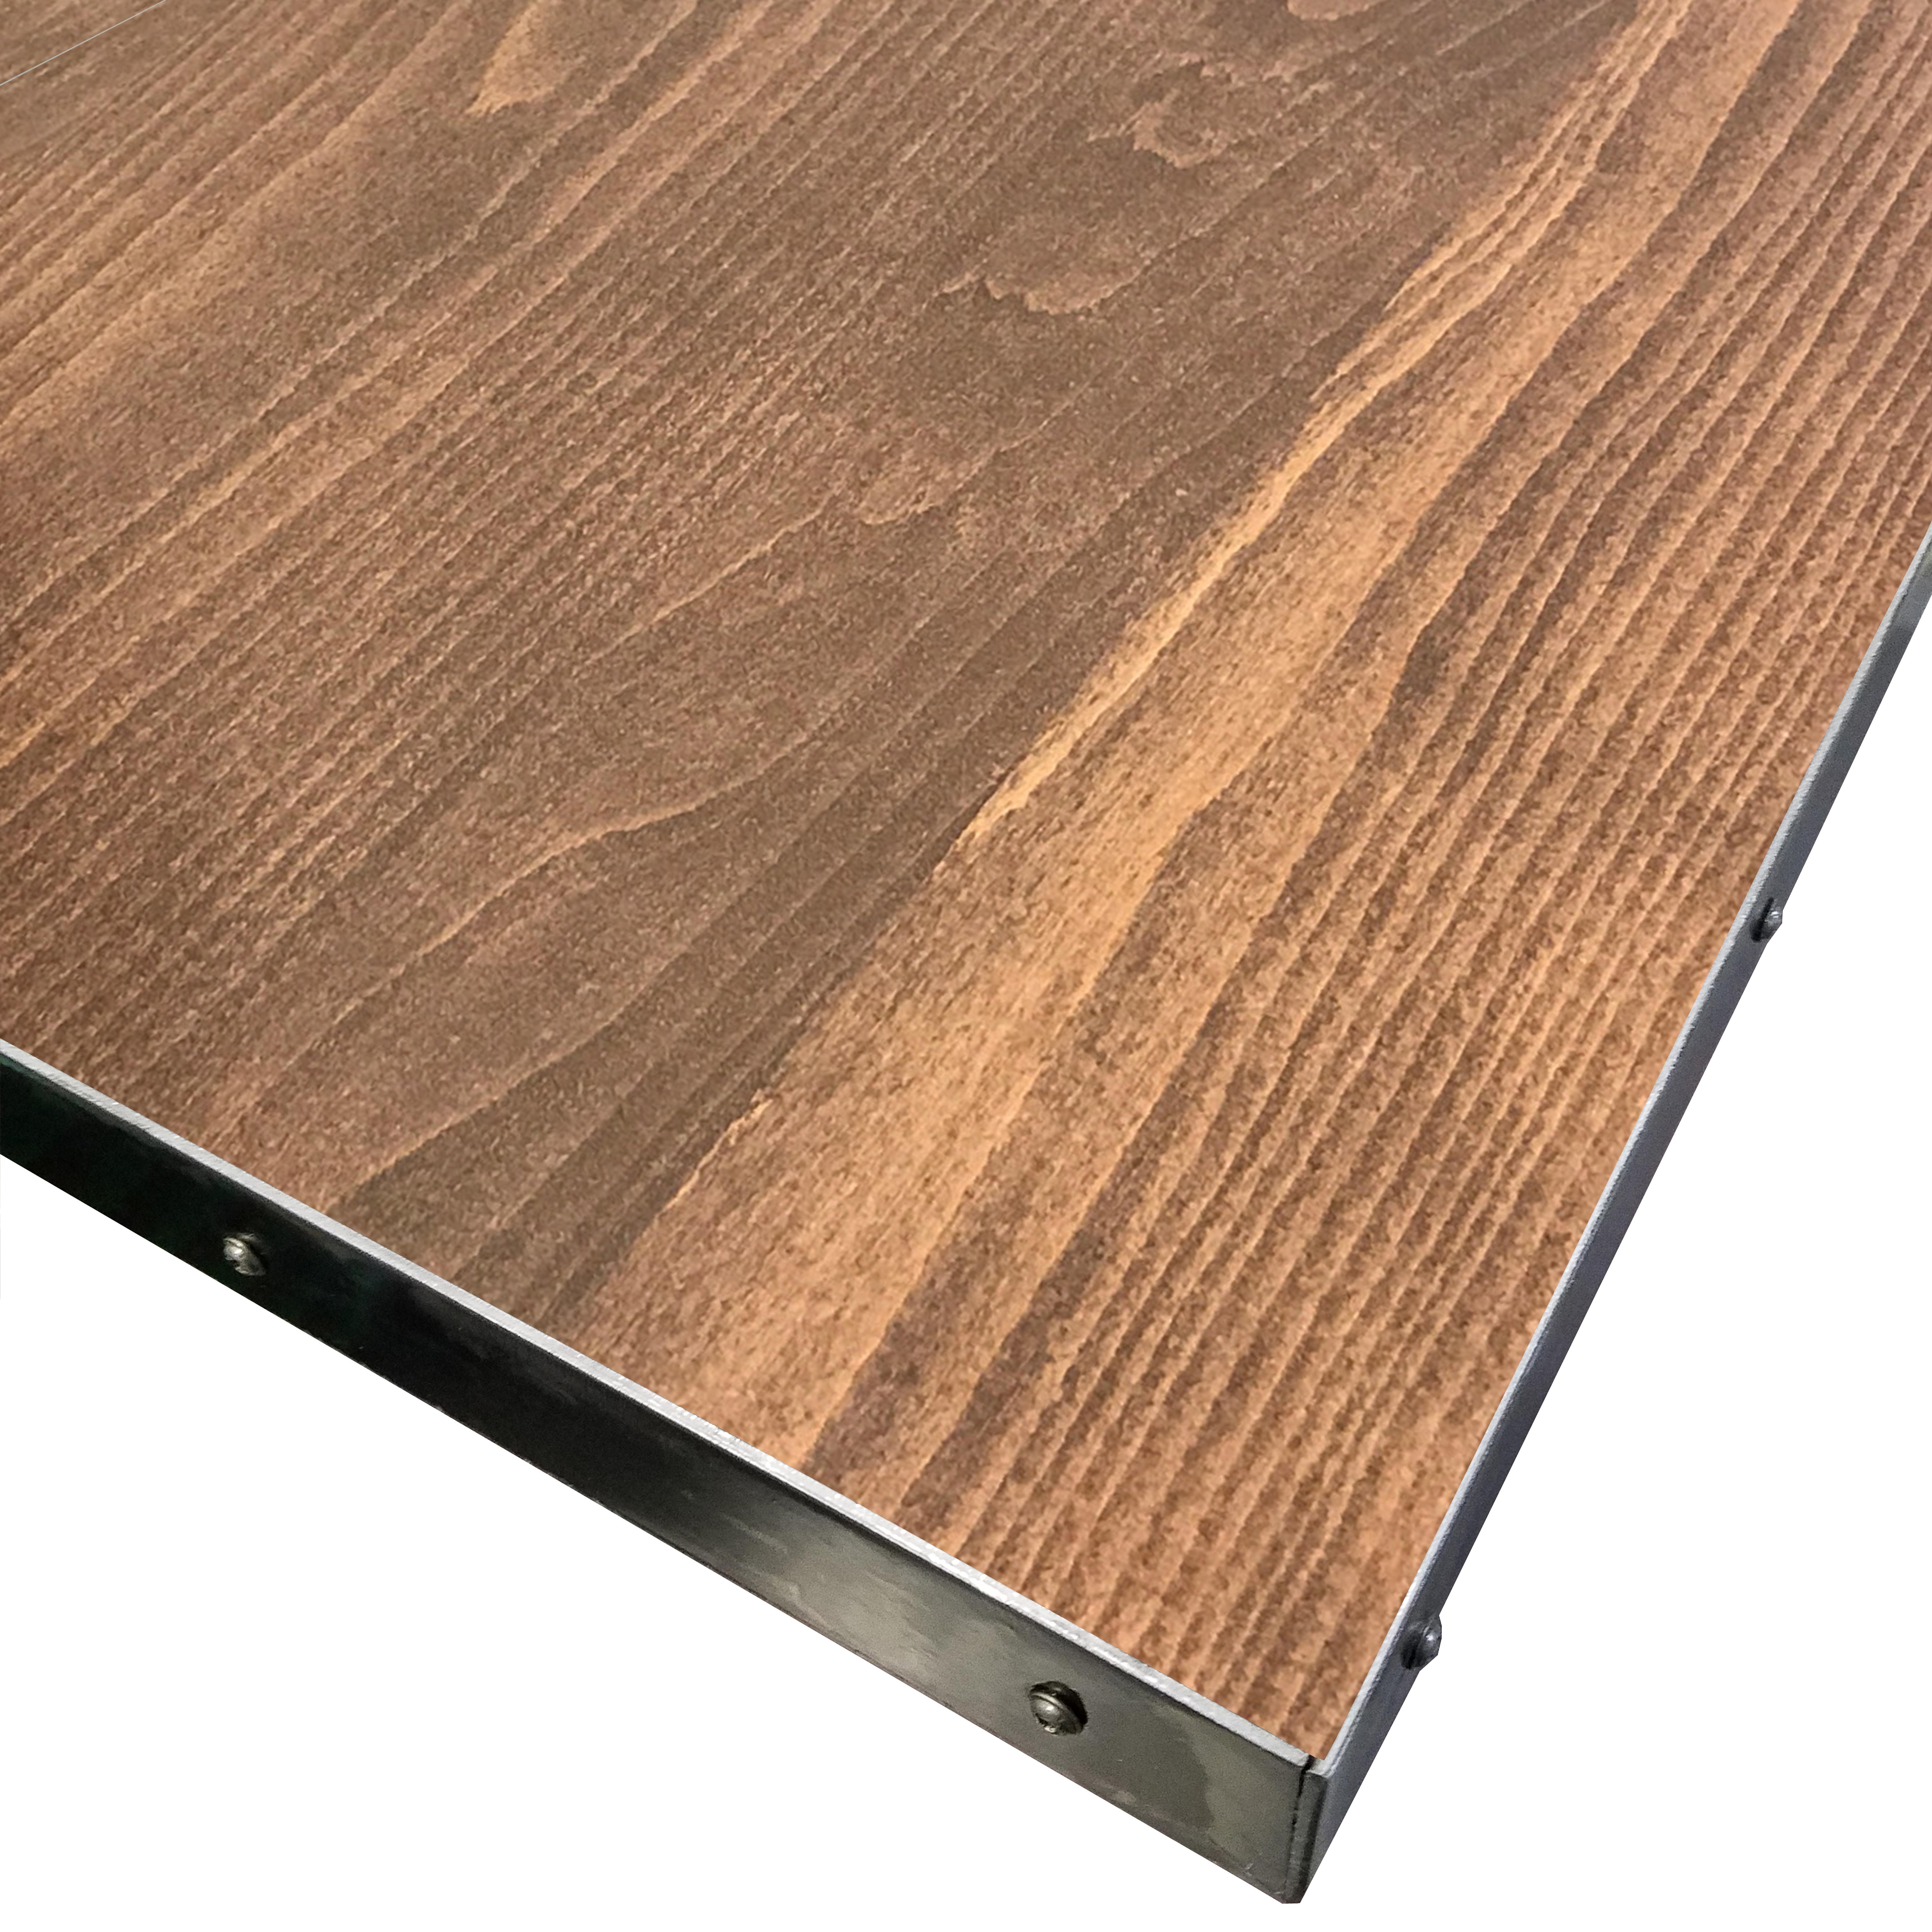 Oak Street FT2430-E table top, wood